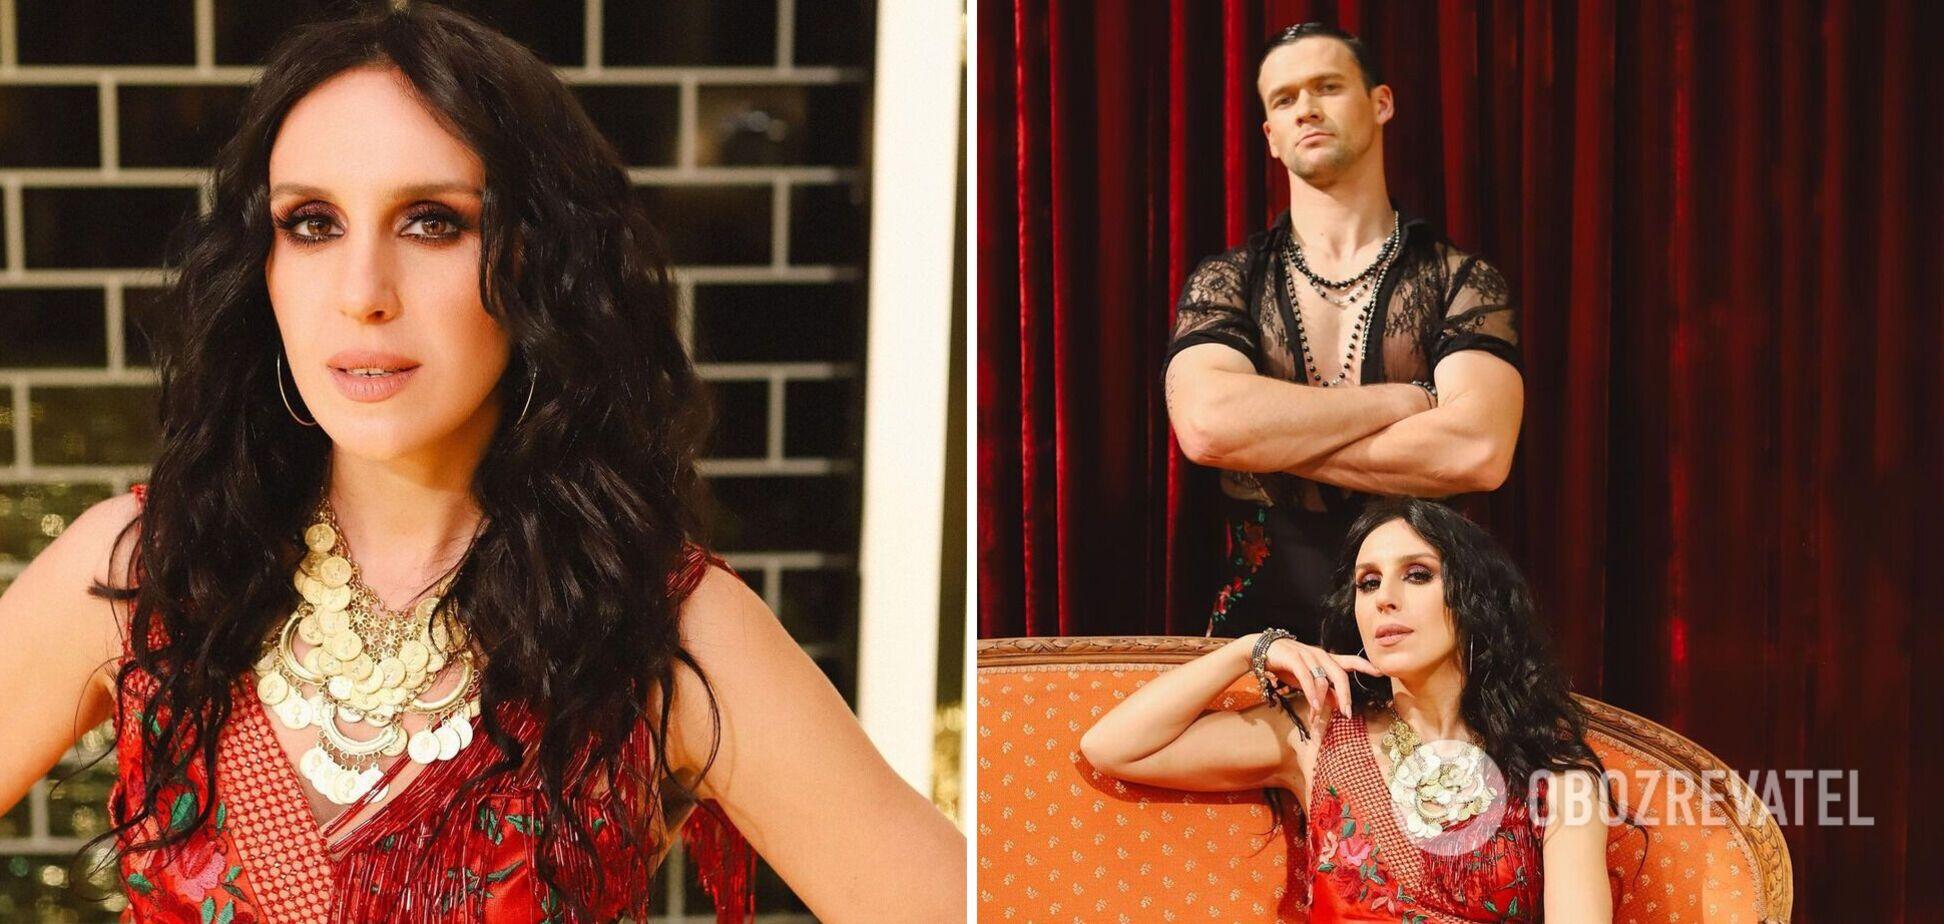 'Я перемогла': Джамала прокоментувала виліт з 'Танців з зірками'